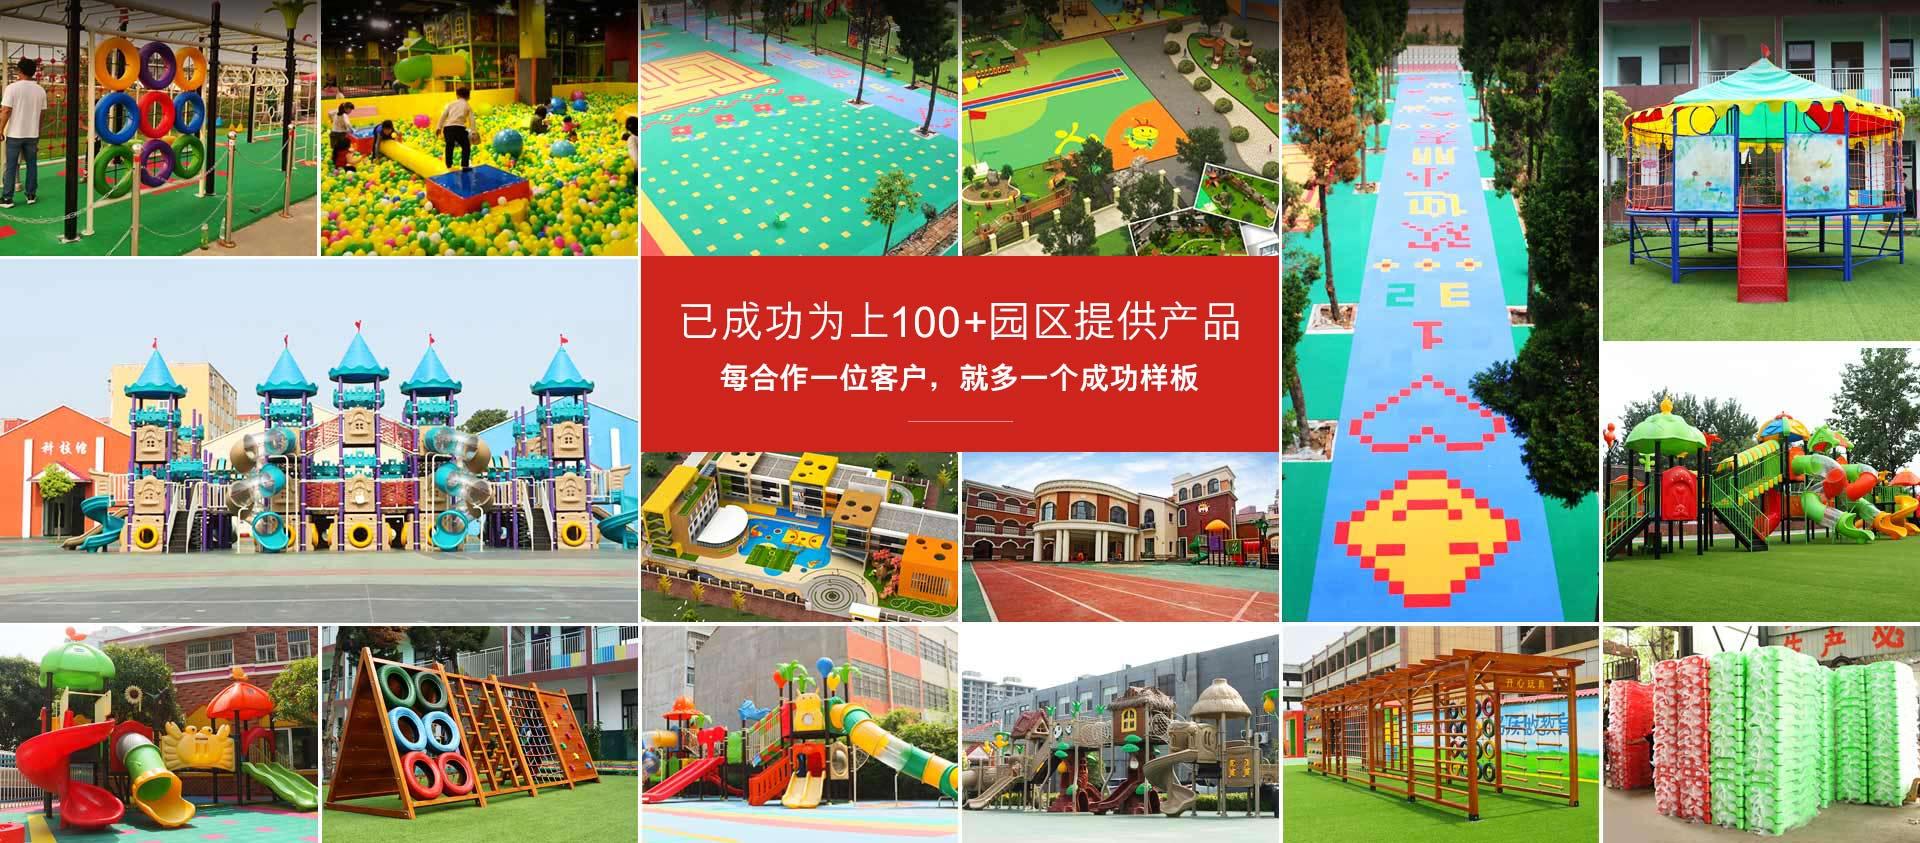 开心玩具,已成功为上100+园区提供产品